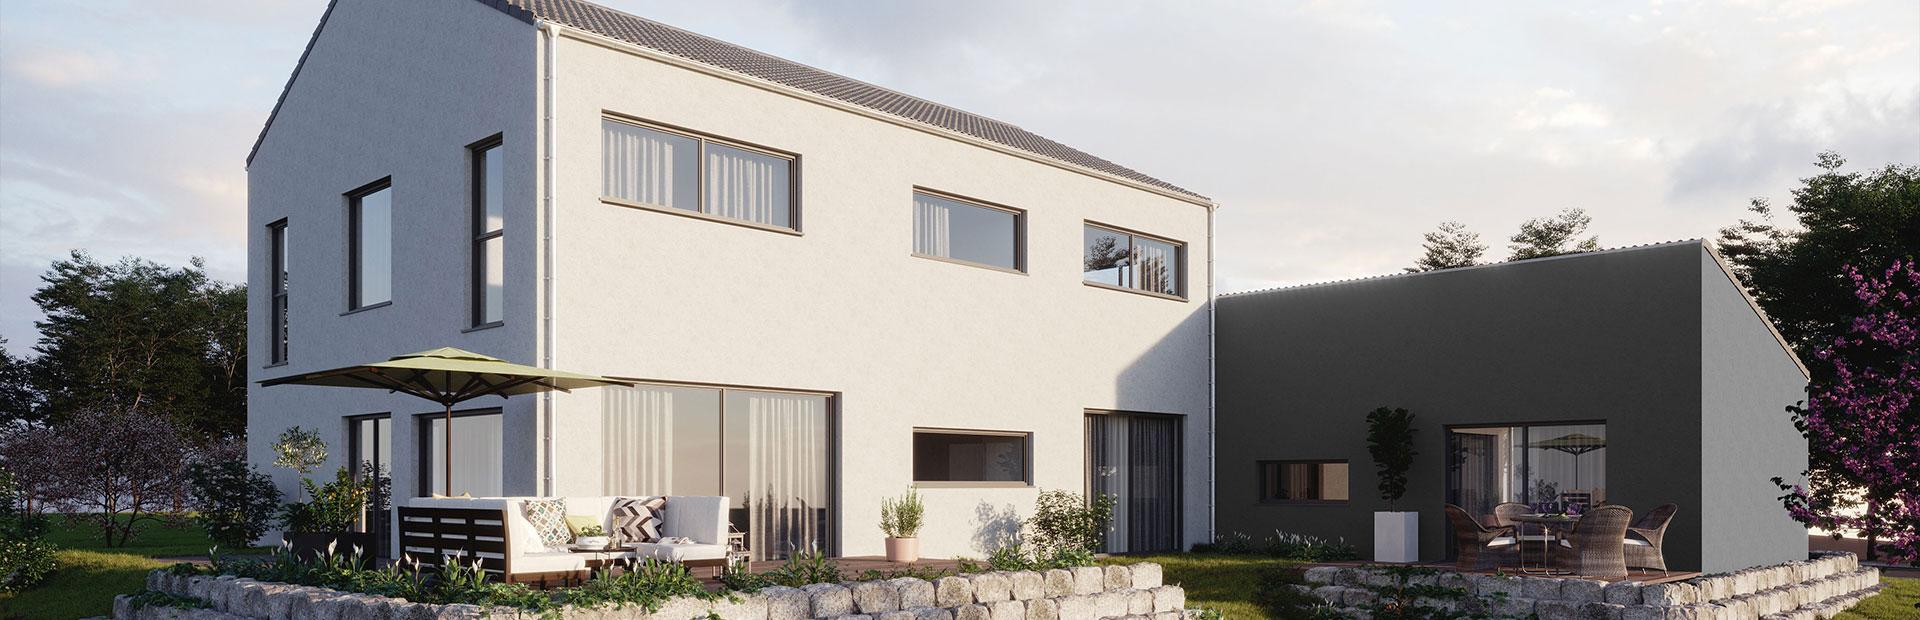 Zweifamilienhaus als Fertighaus bauen lassen